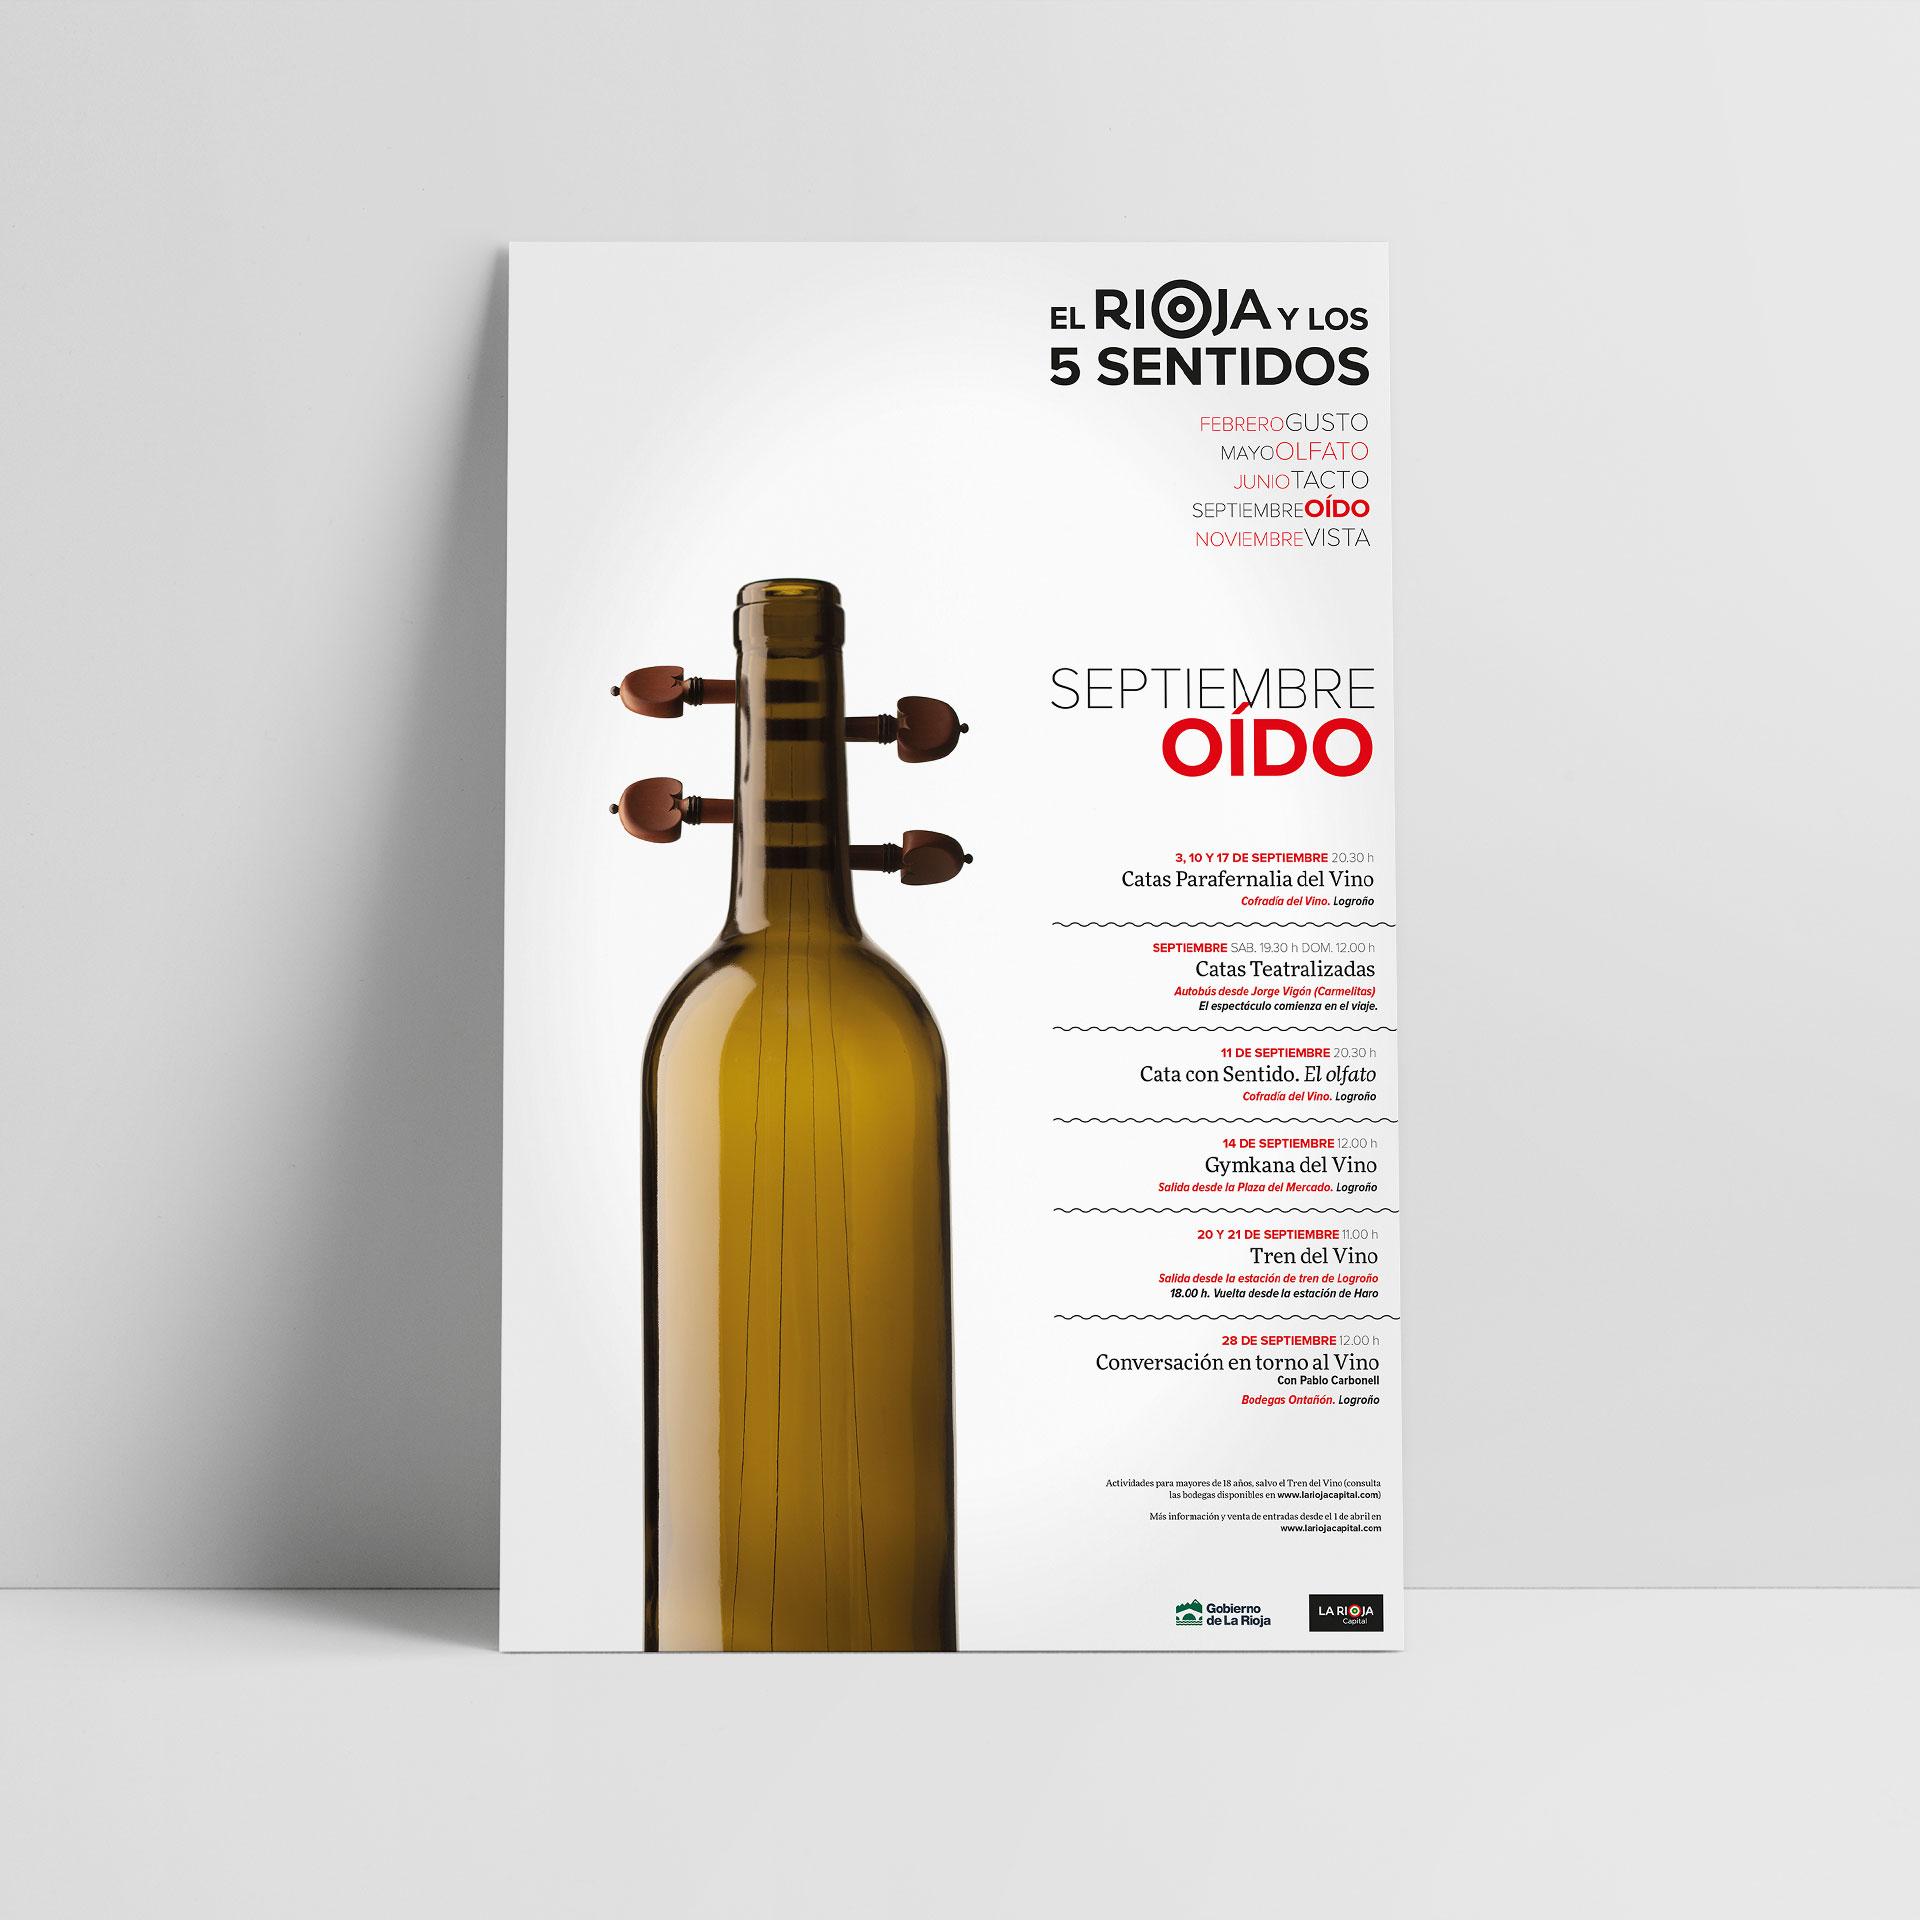 Diseño cartel el rioja y los 5 sentidos oido 2017